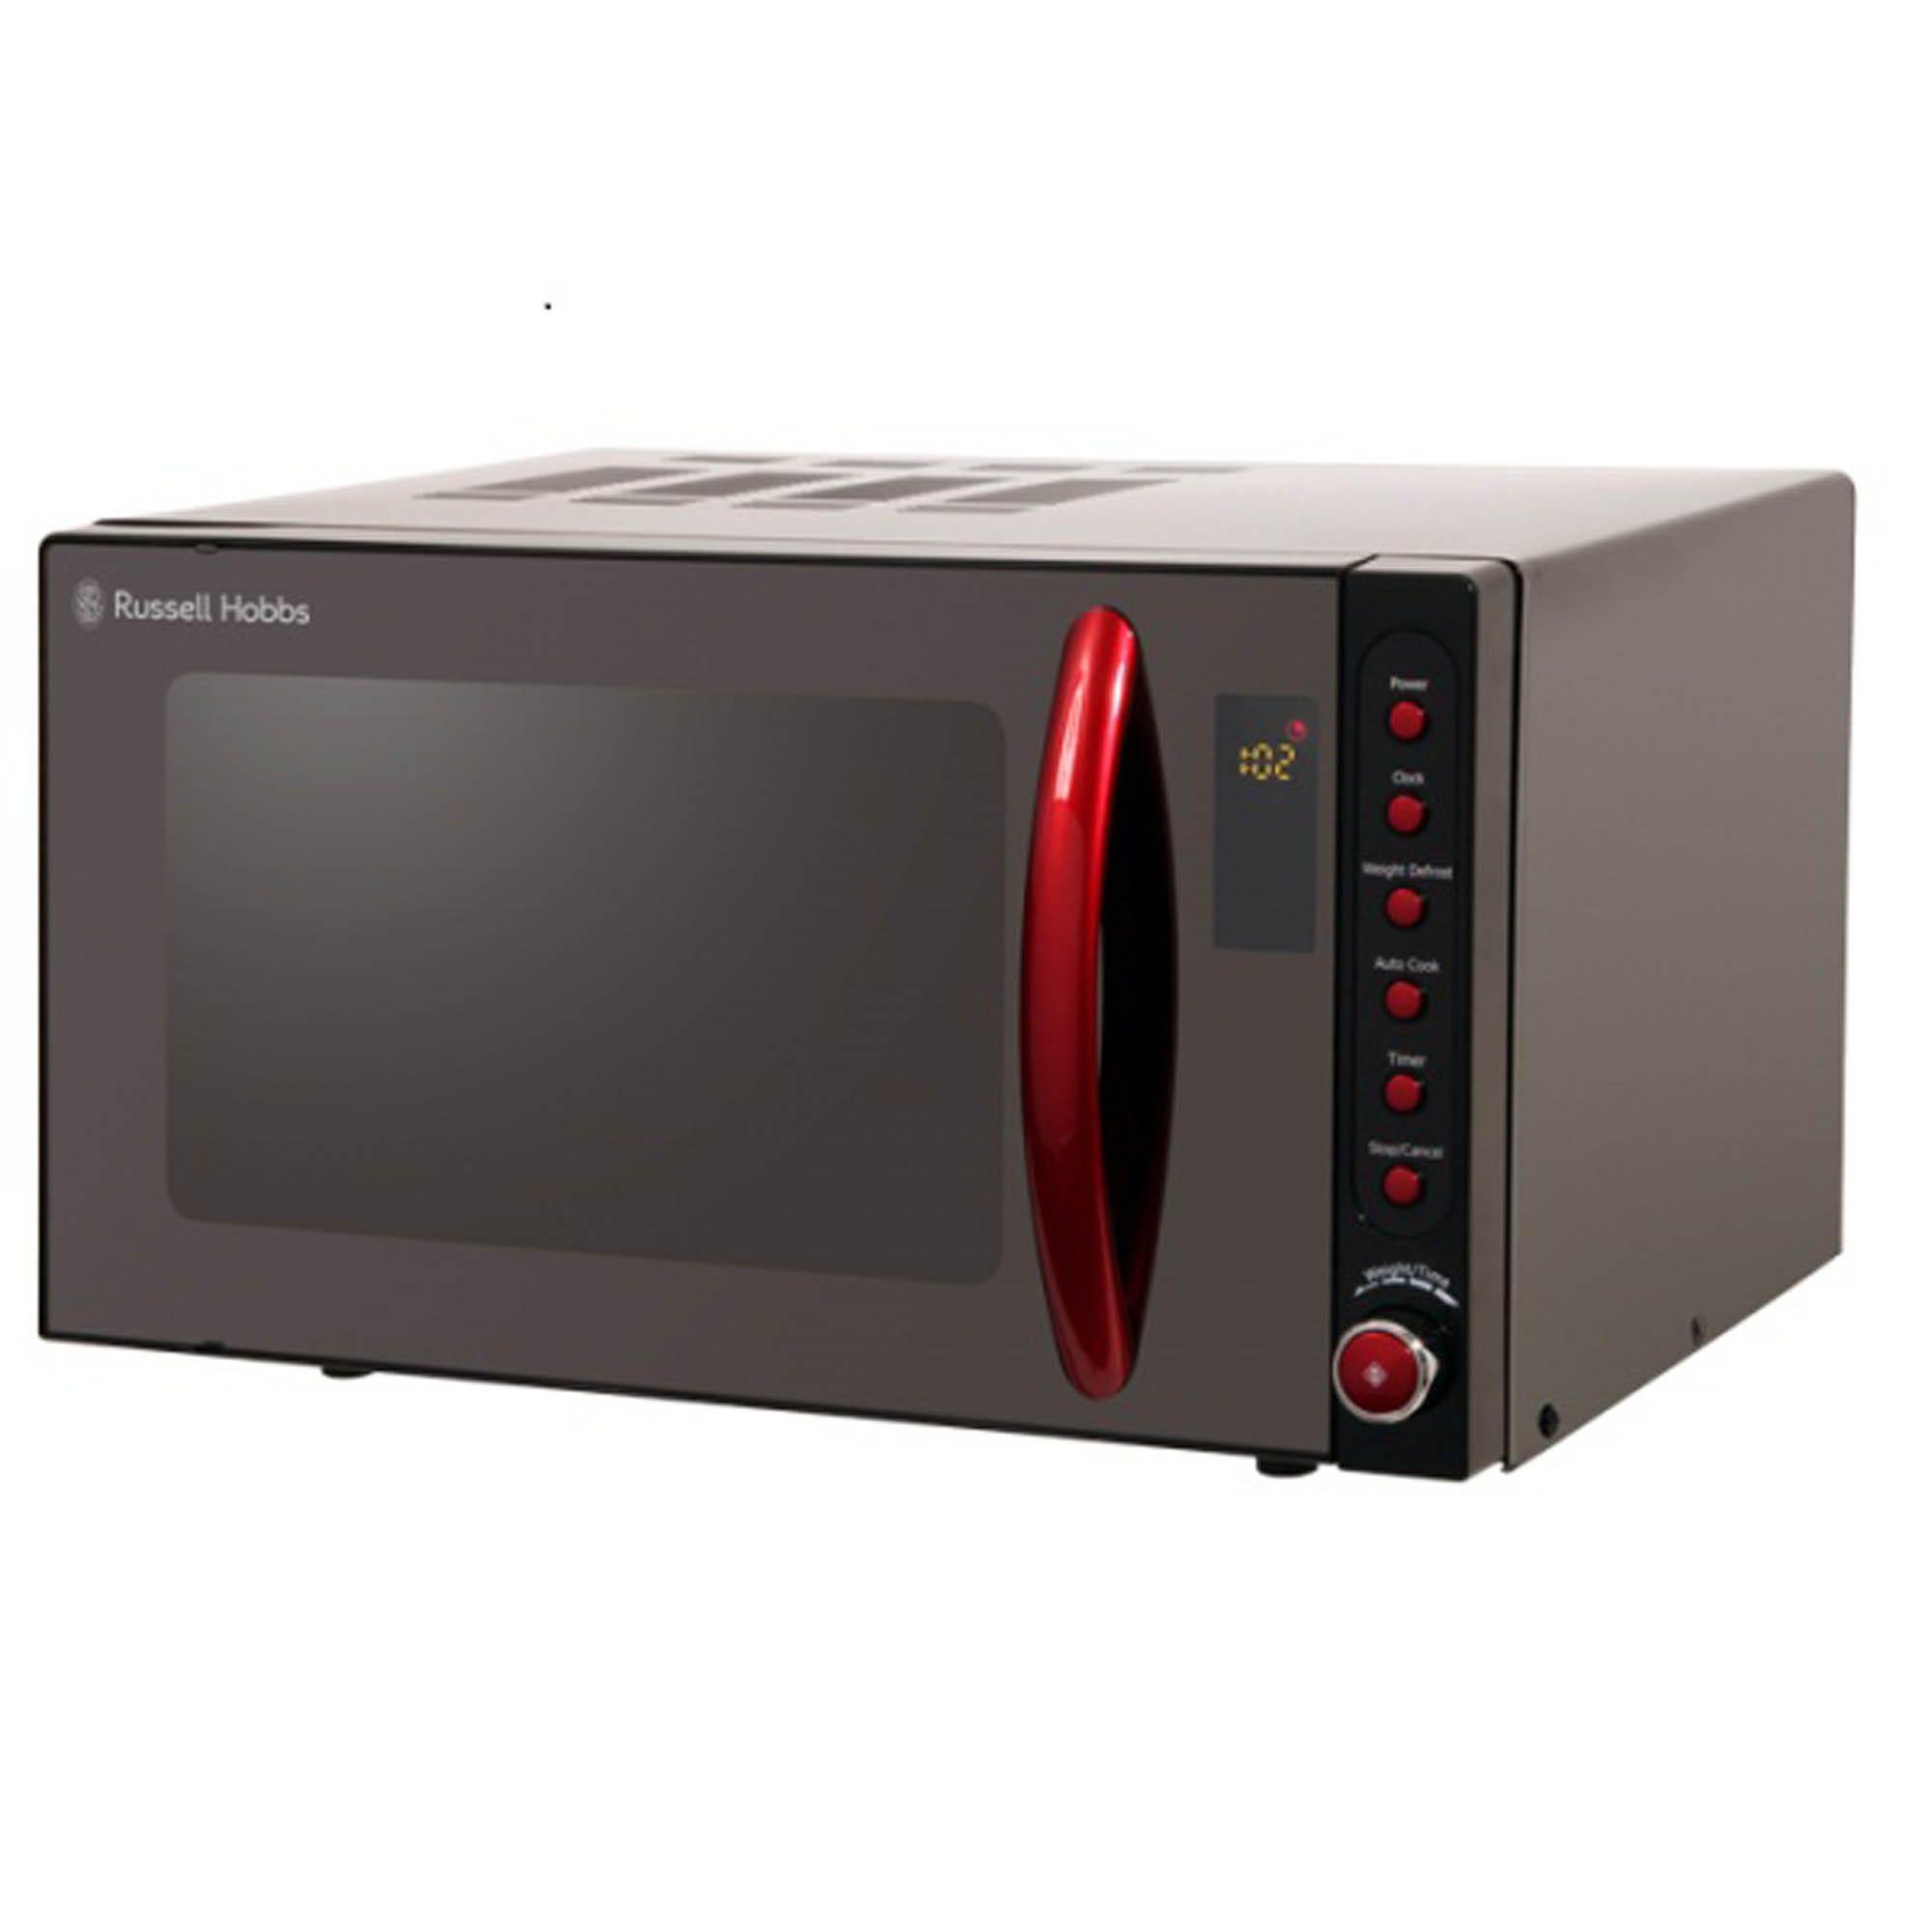 Russell Hobbs RHM2080B Digital Microwave, 20L - Black & Red